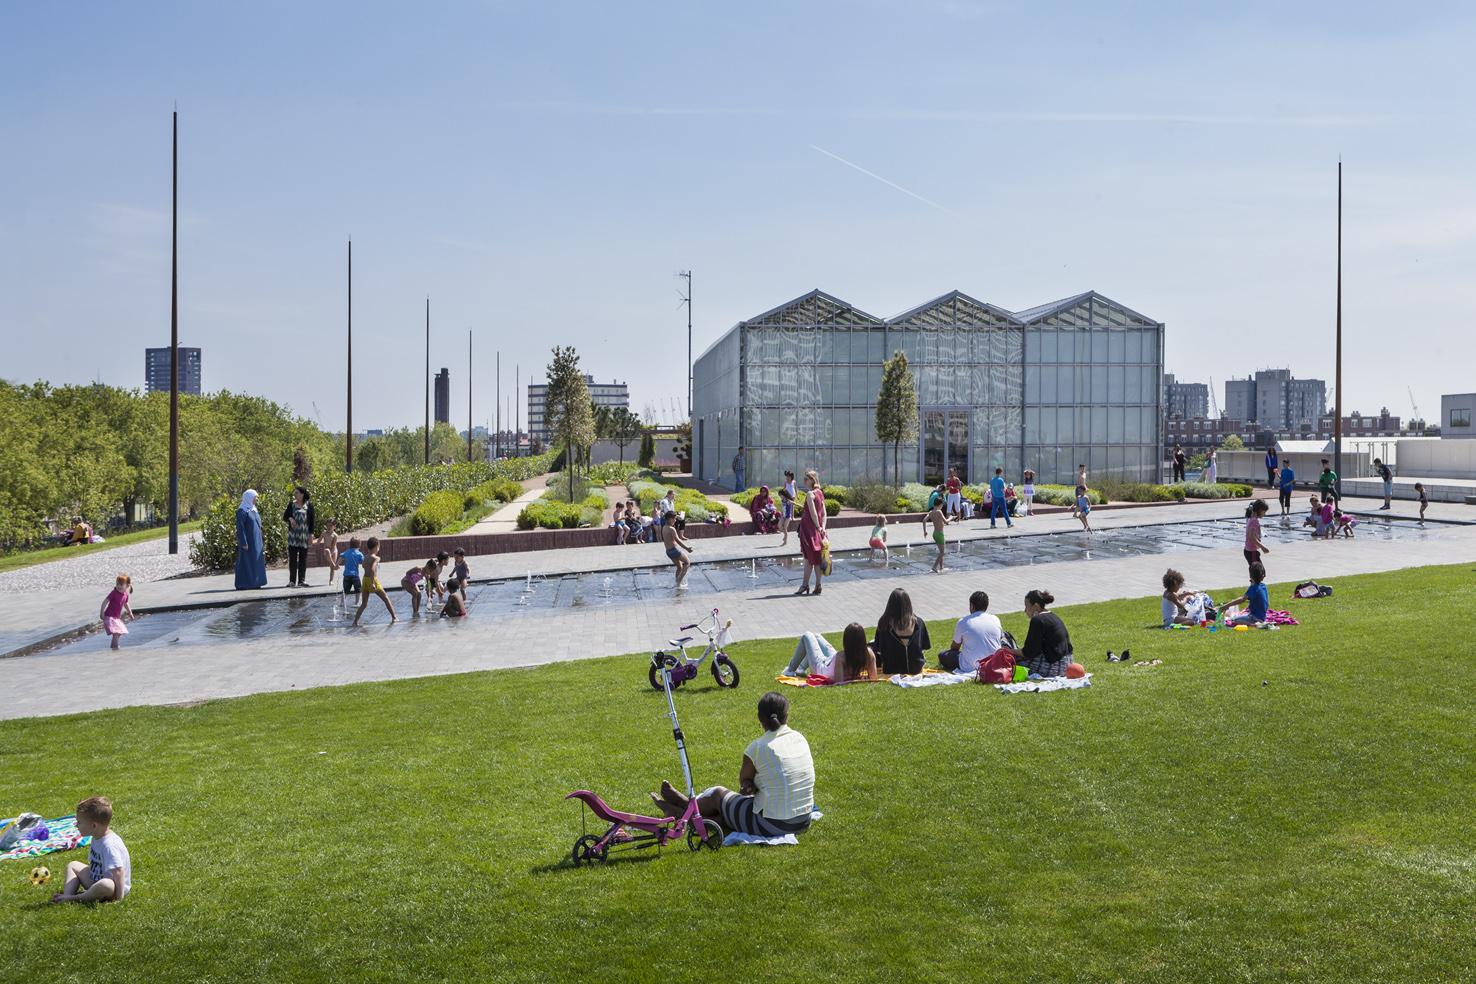 Dakpark Rotterdam, Centrale grasveld met zicht op de waterpartij, rechts de Orangerie met het Parkrestaurant en in de achtergrond het Diepeveen torentje aan het Hudsonplein, voorjaar 2014